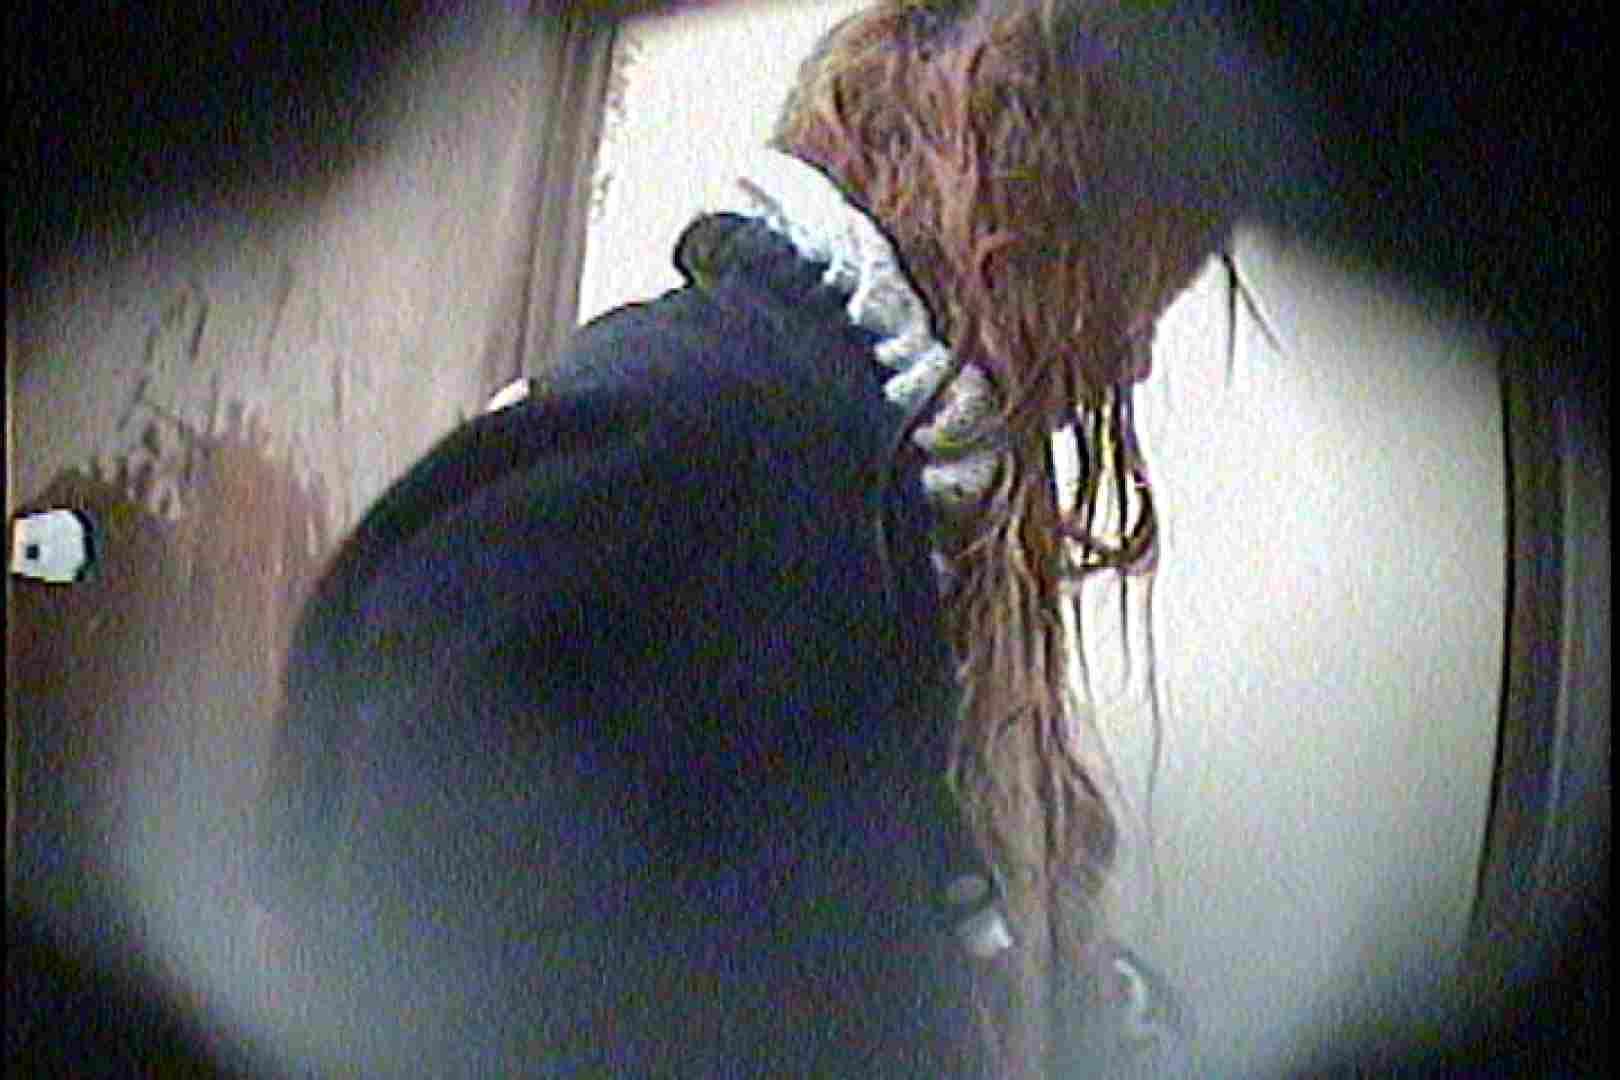 海の家の更衣室 Vol.21 美女達のヌード   シャワー中  89連発 24